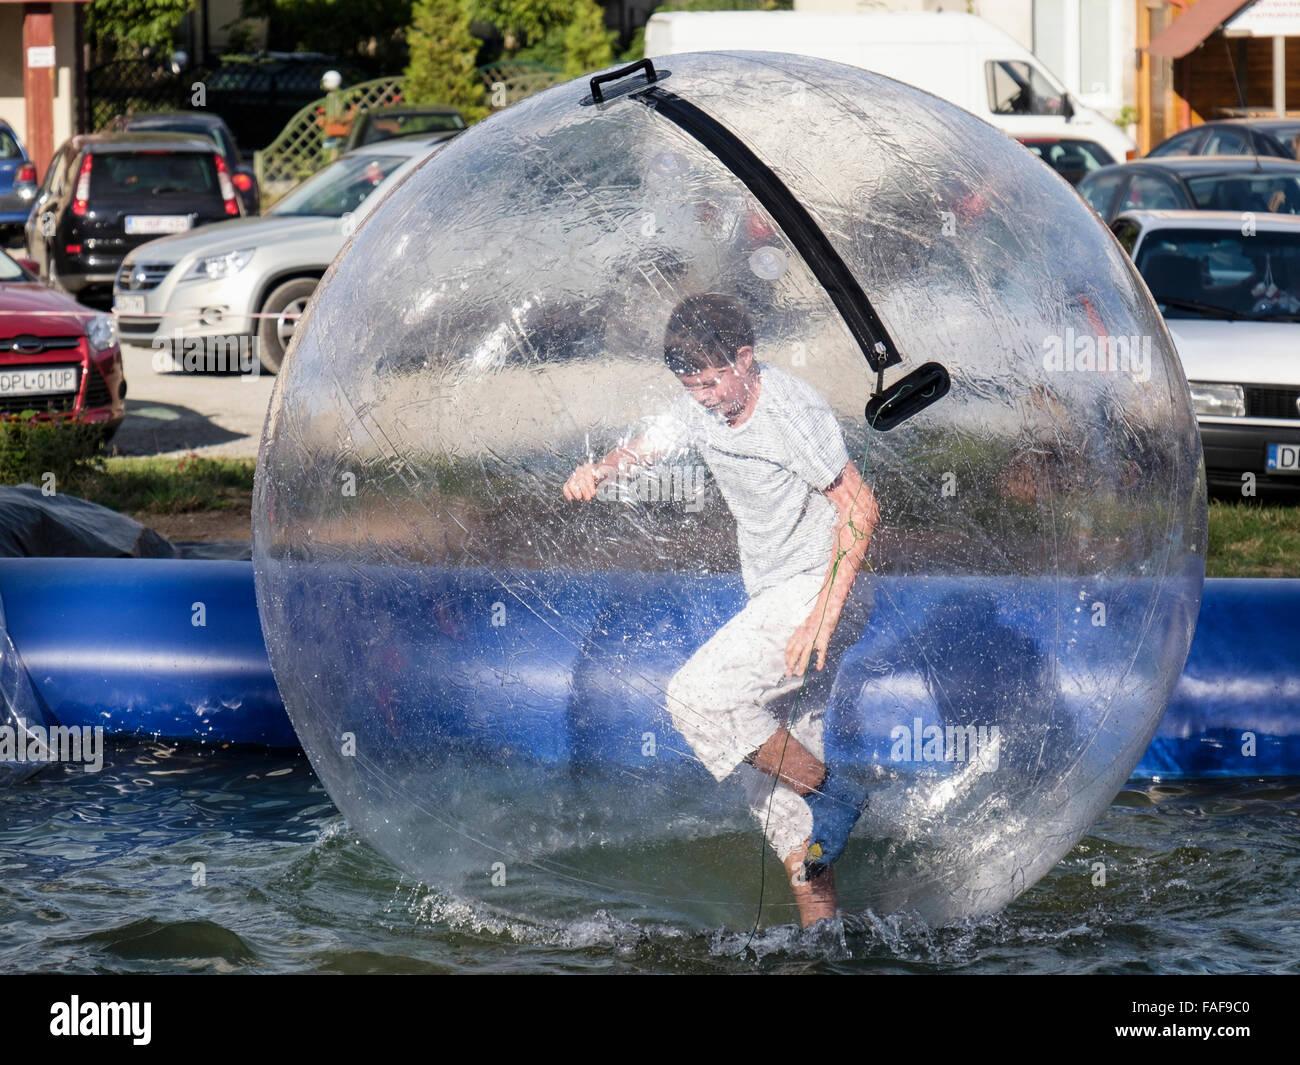 """Garçon debout exécute dans un ballon gonflable """"zorbing"""" bulle sur un bassin d'eau. Polanica Photo Stock"""